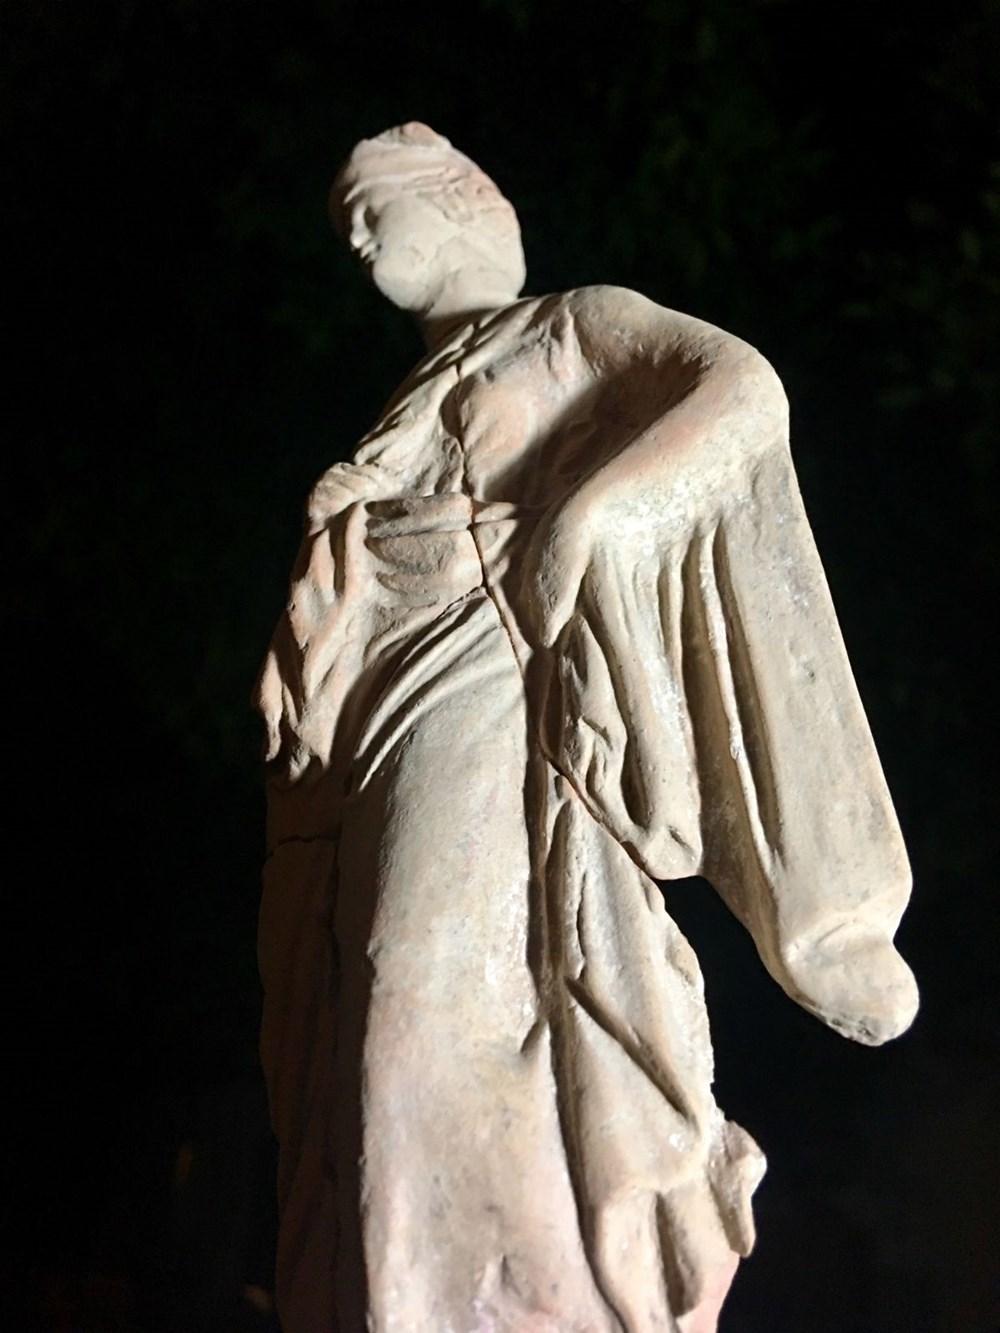 Myra Antik Kenti'nde hepsi bir arada 50'den fazla heykelcik bulundu - 10